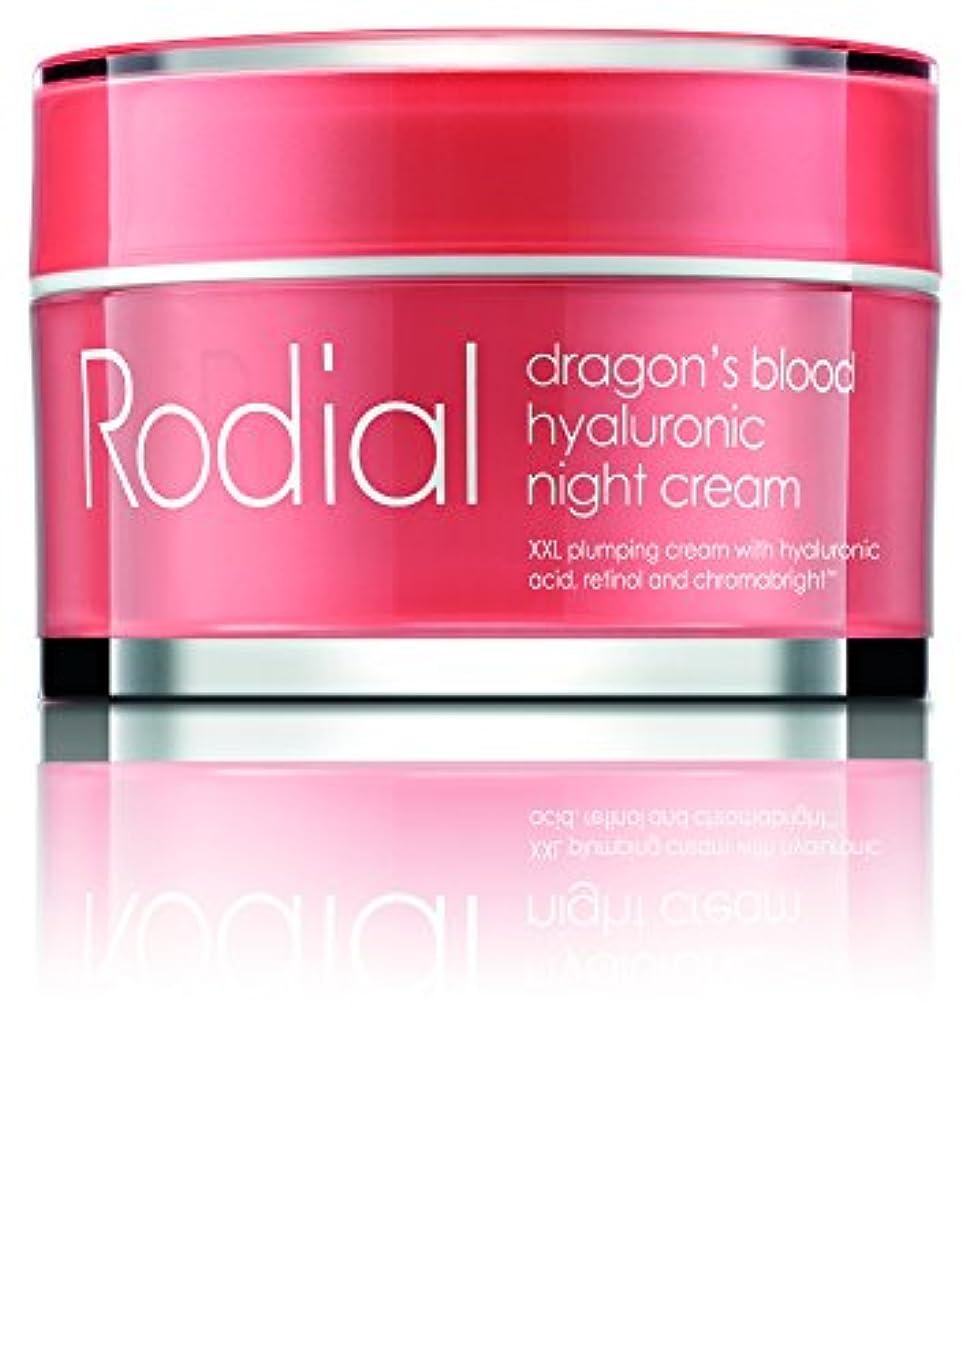 雰囲気ダンスアカデミックRodial(ロディアル) ドラゴンズブラッド ナイトクリーム